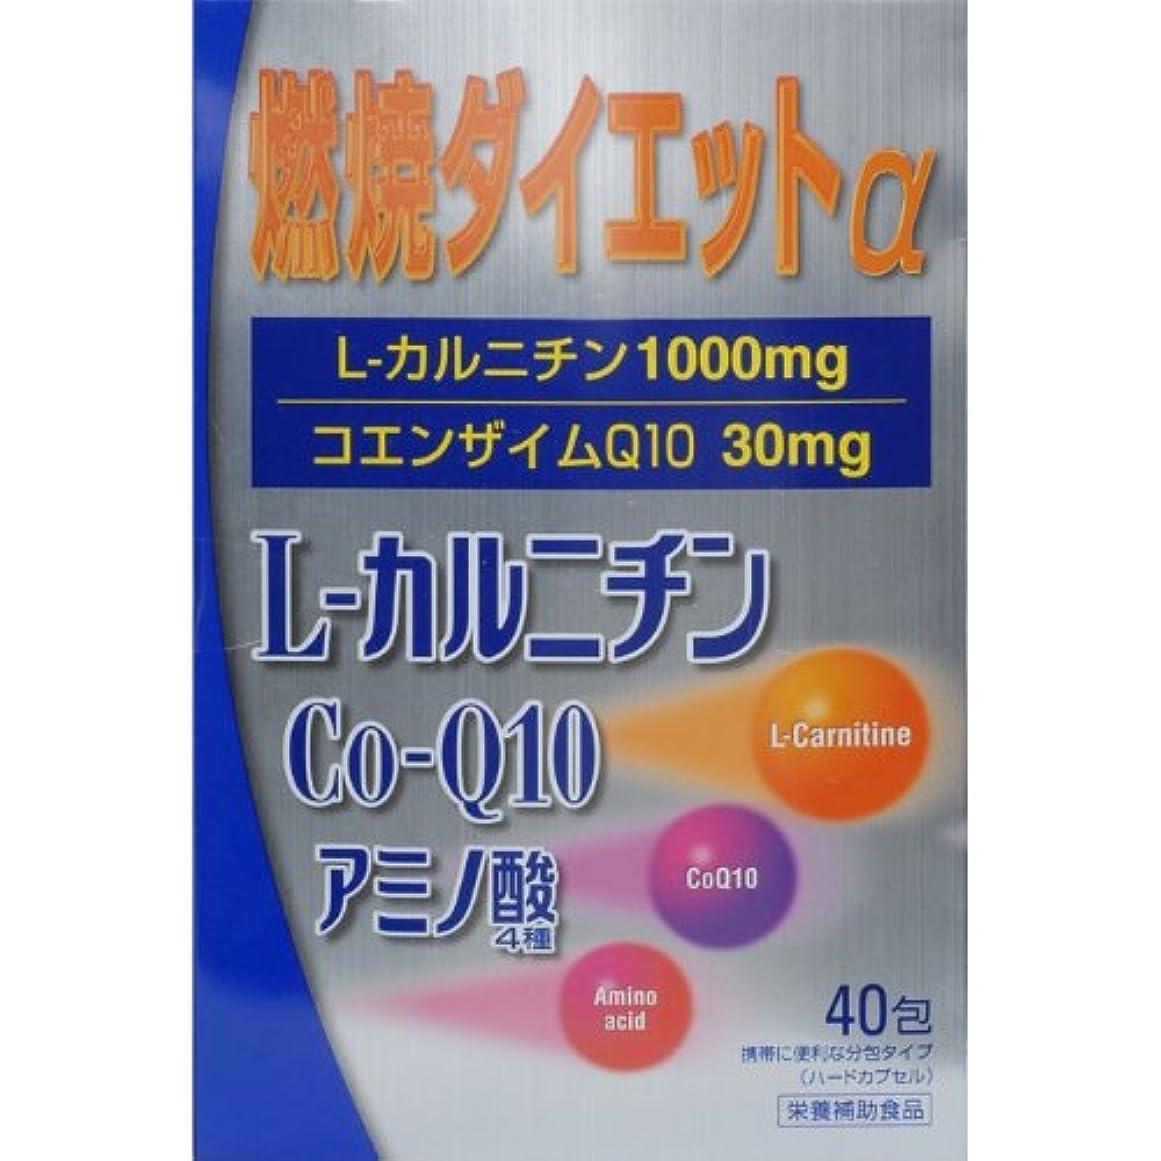 扇動する予定革命燃焼ダイエットL‐カルニチンα 40包